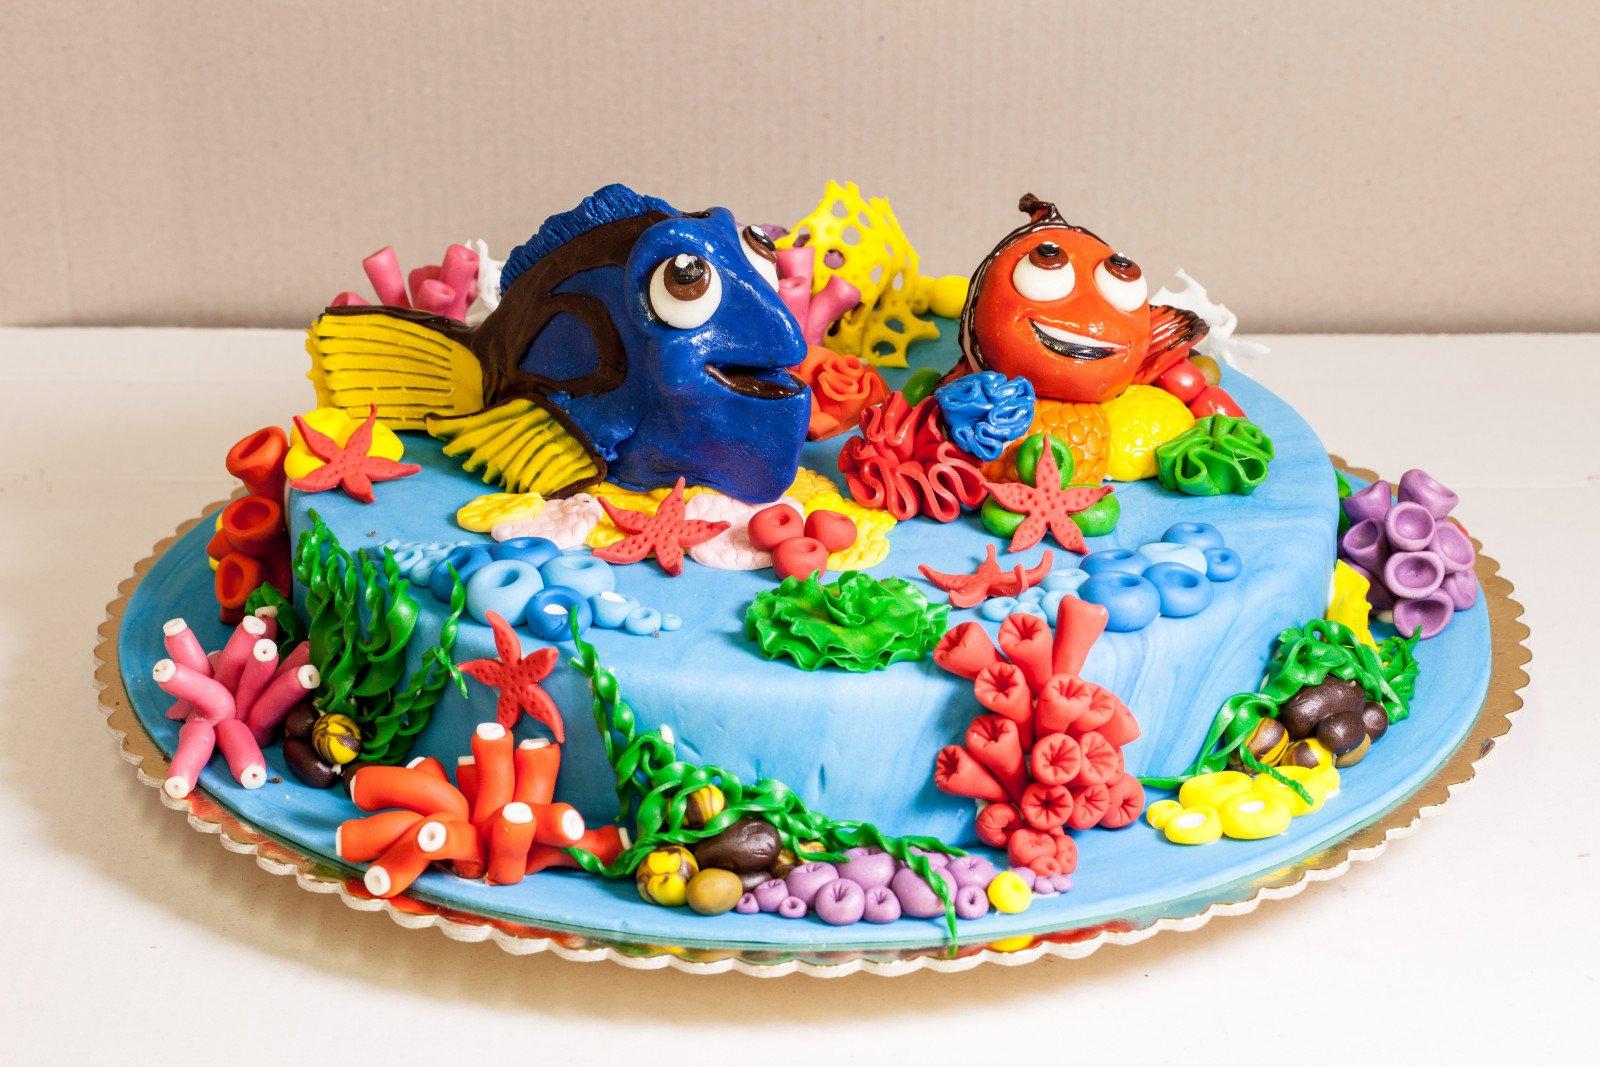 Torta con Nemo e Dori